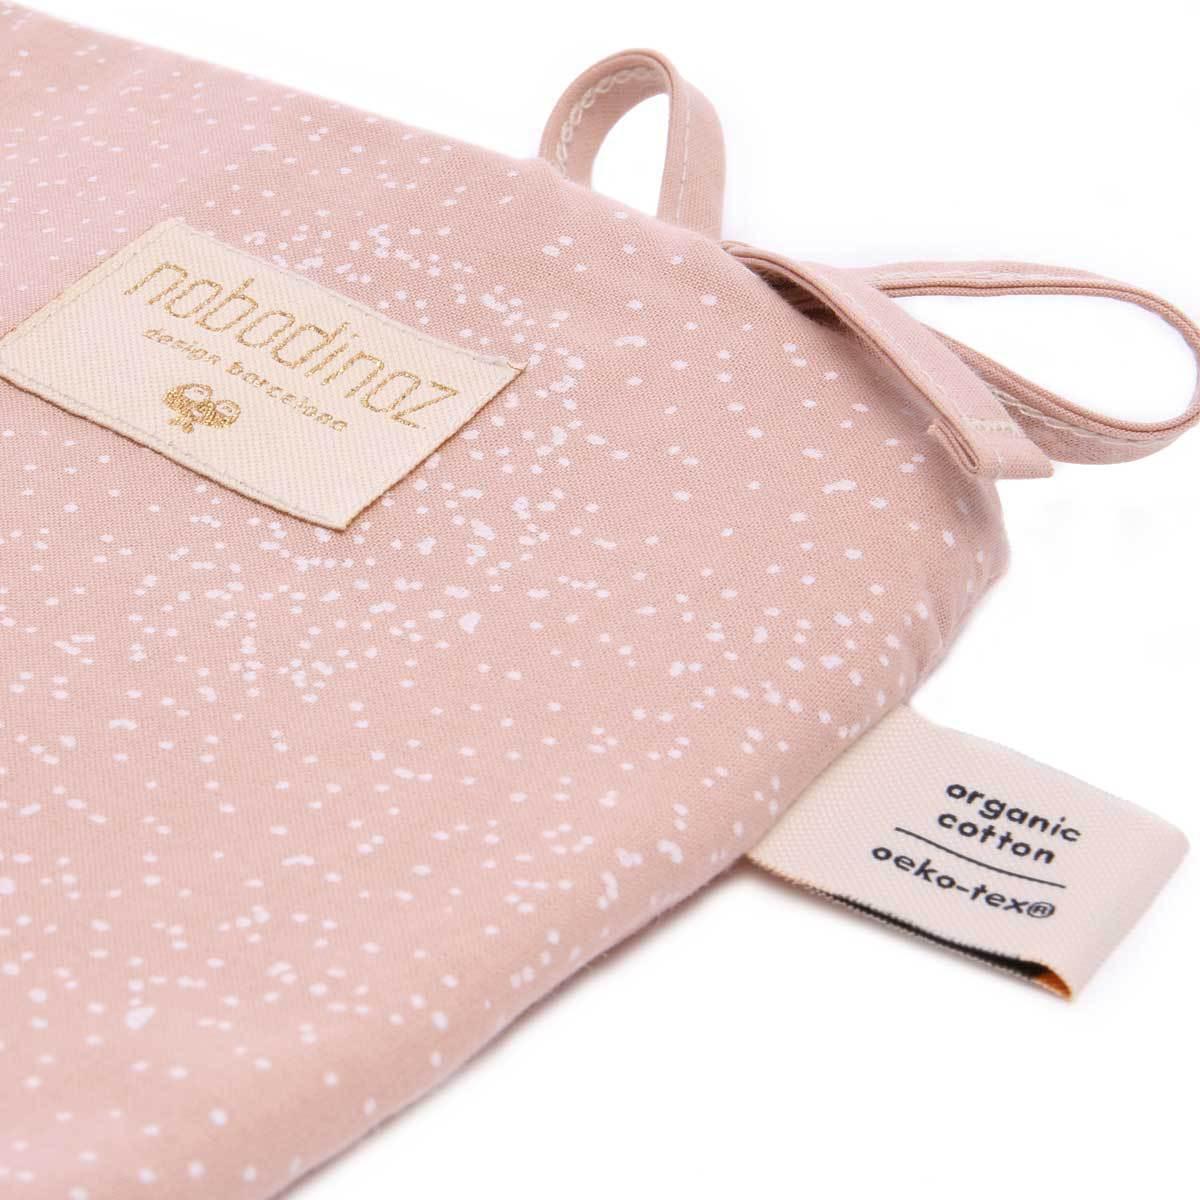 nobodinoz tour de lit white bubble misty pink linge de lit nobodinoz sur l 39 armoire de b b. Black Bedroom Furniture Sets. Home Design Ideas